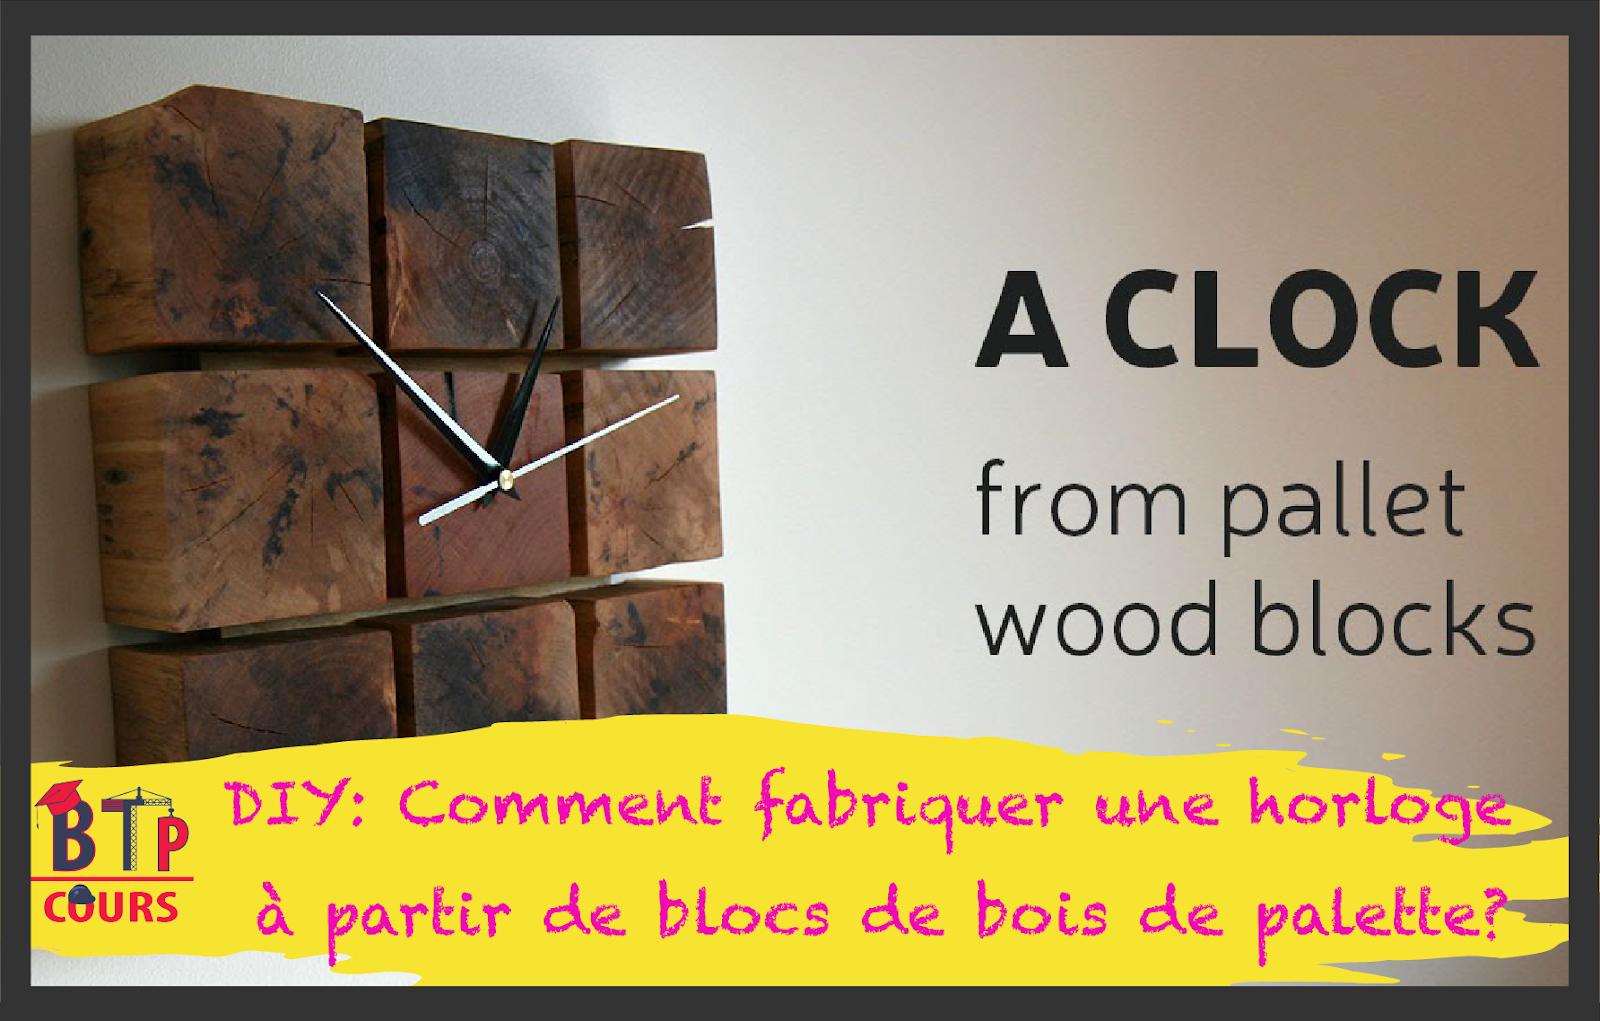 Comment Fabriquer Un Mobile En Bois diy: comment fabriquer une horloge à partir de blocs de bois